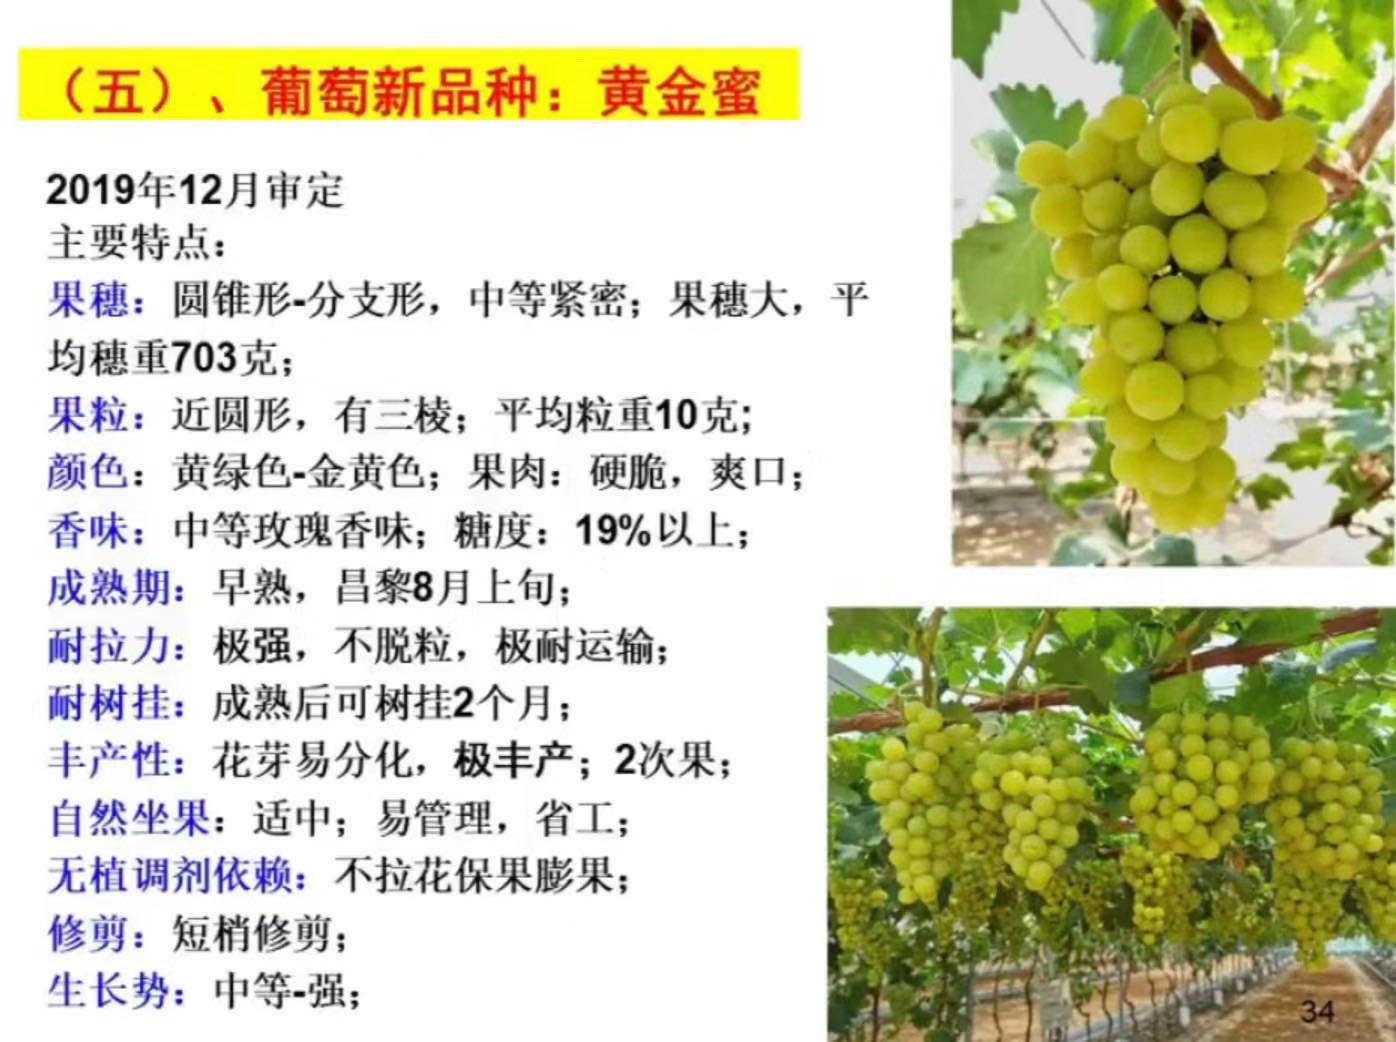 黄金蜜葡萄 种苗